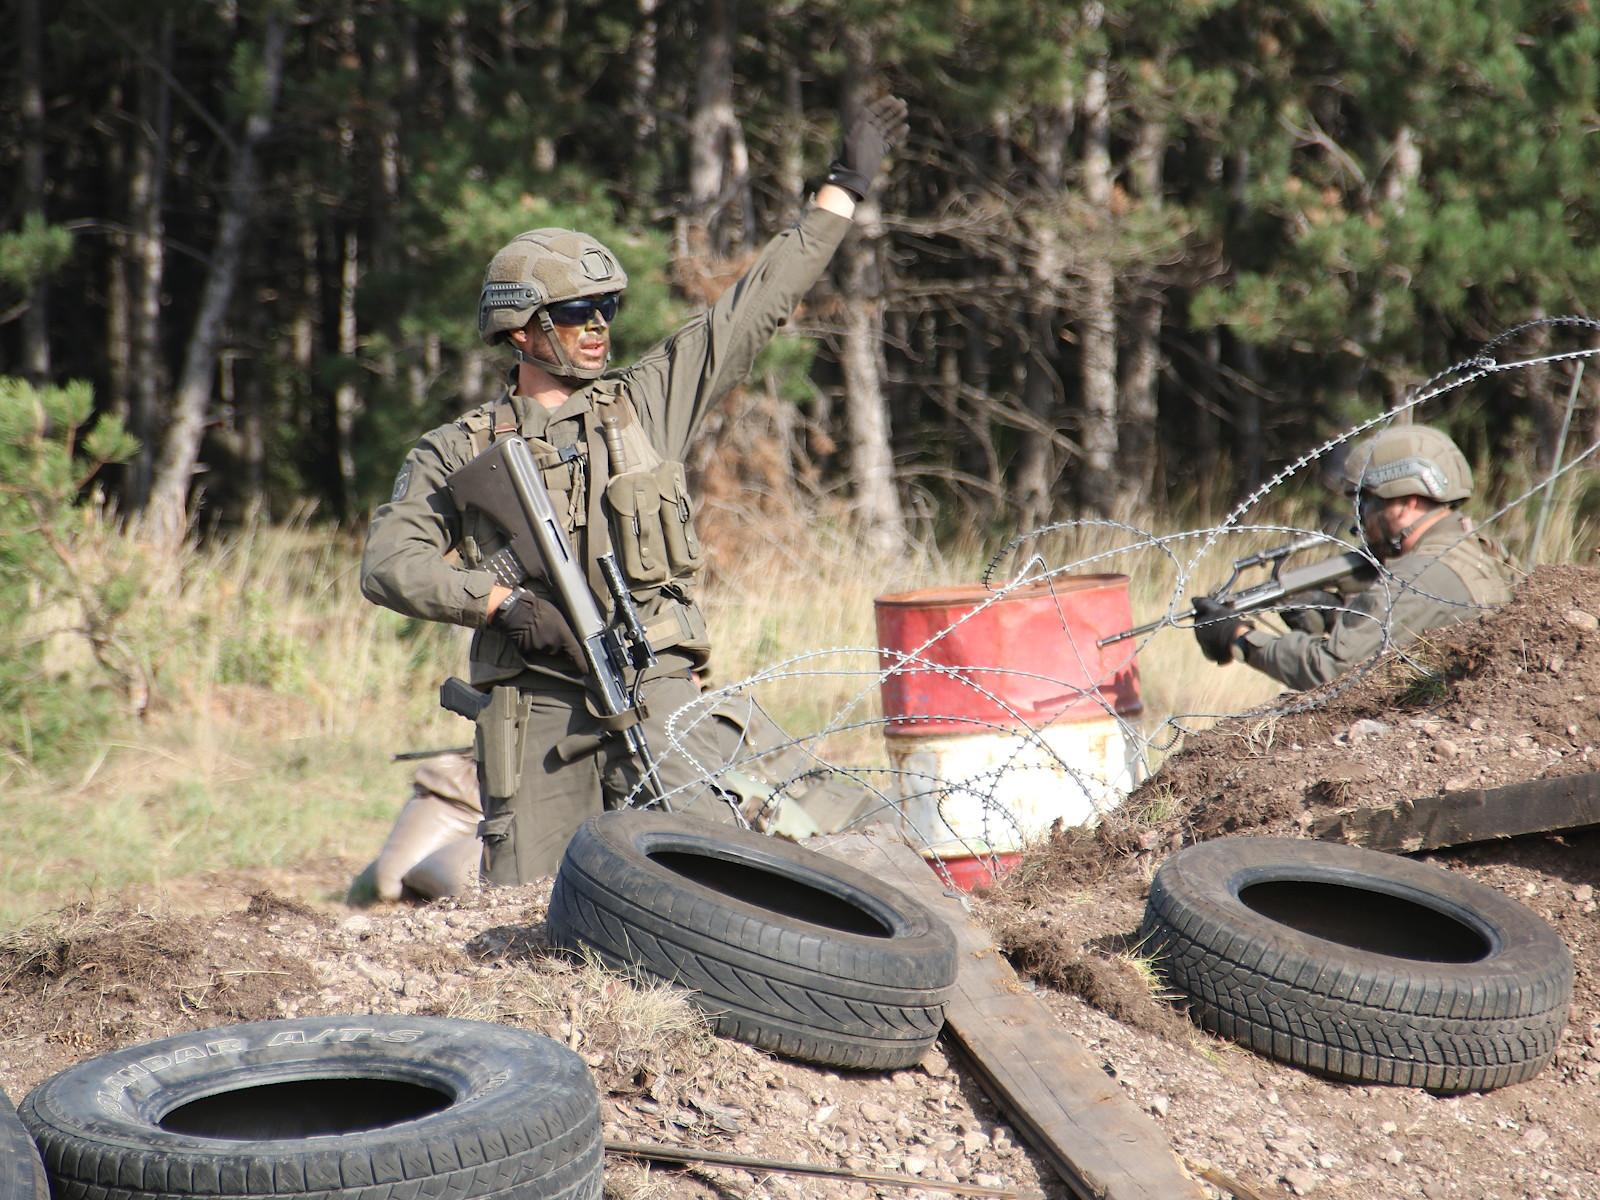 Die Straßensperre ist genommen - nun werden die Schützenpanzer zur Überwindung und Räumung der Sperre herangewunken © Doppeladler.com